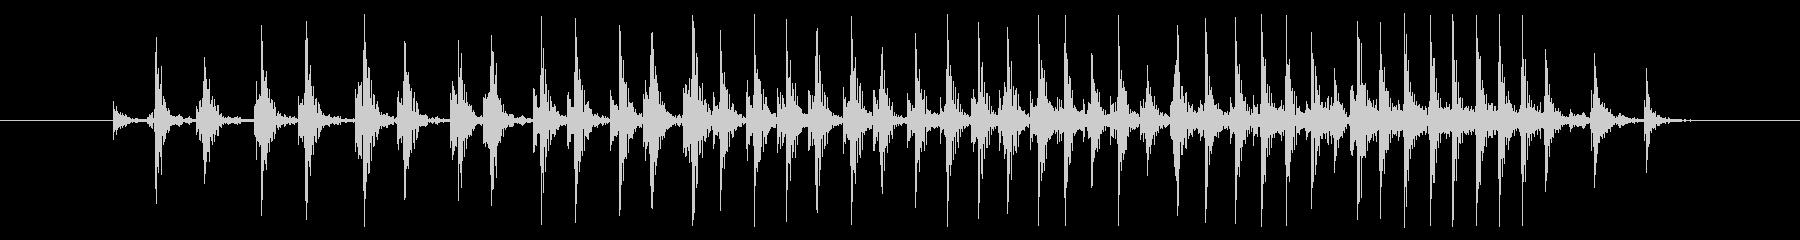 鳴き声 バープロング01の未再生の波形